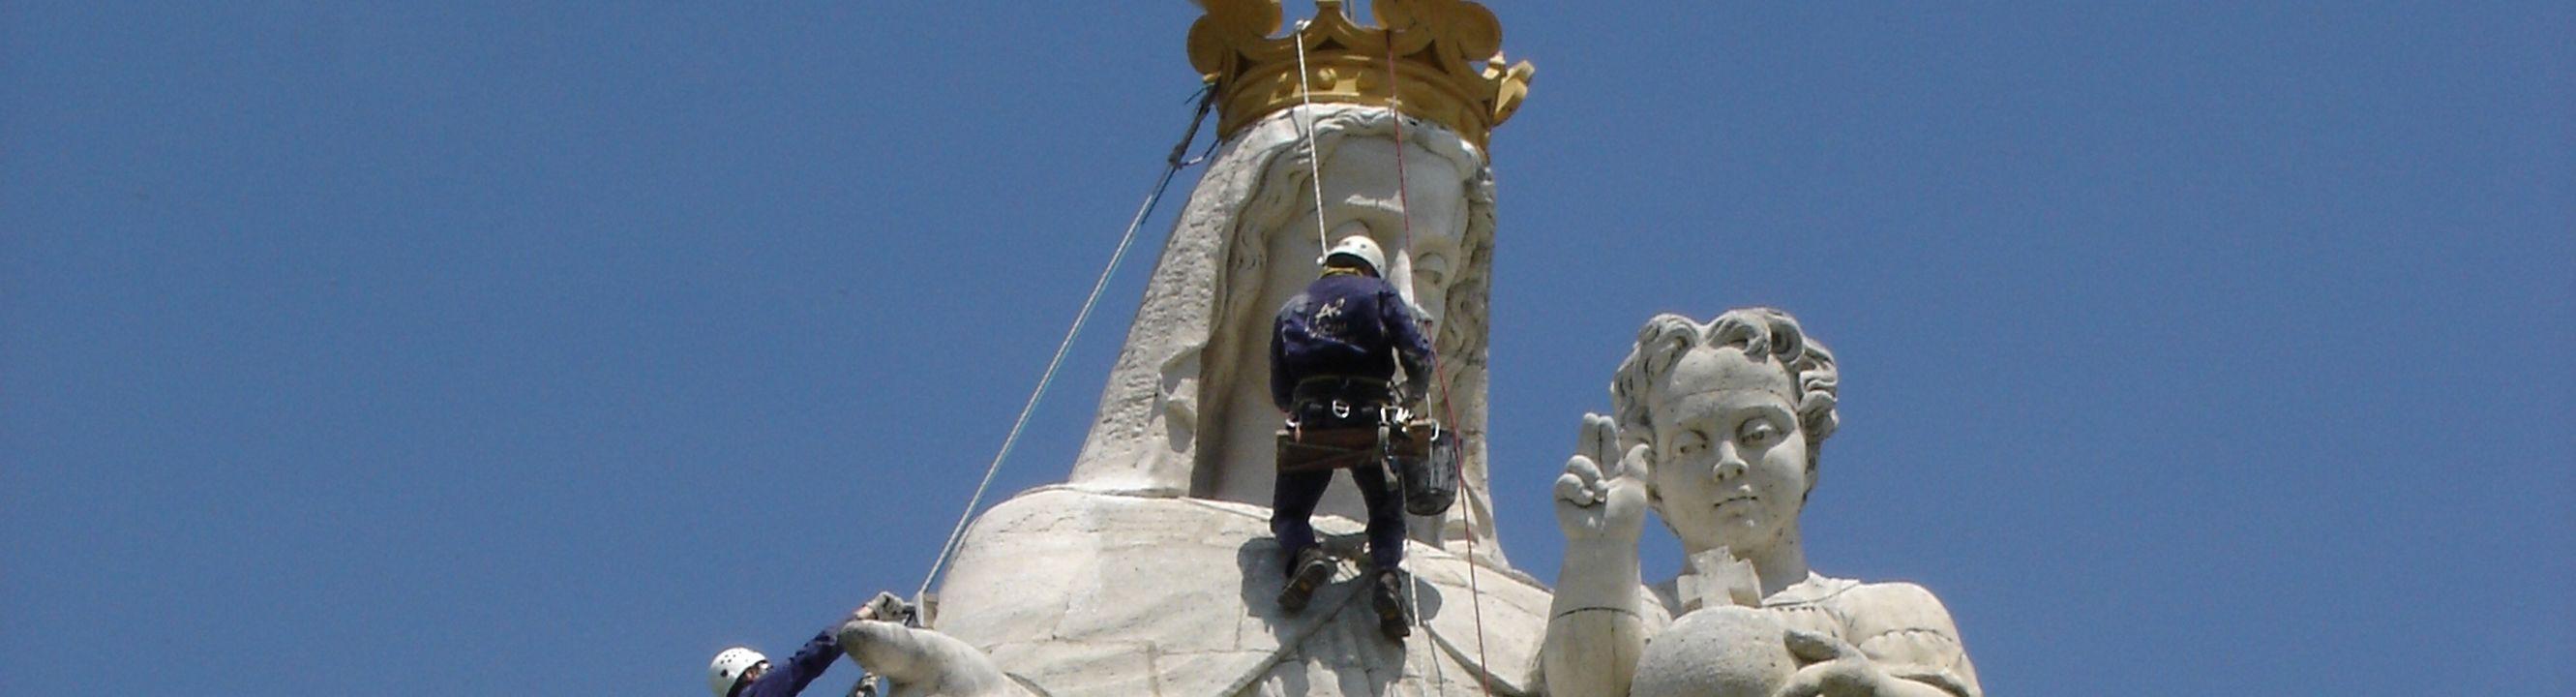 technicien cordiste urbain 06 expert travaux de maçonnerie